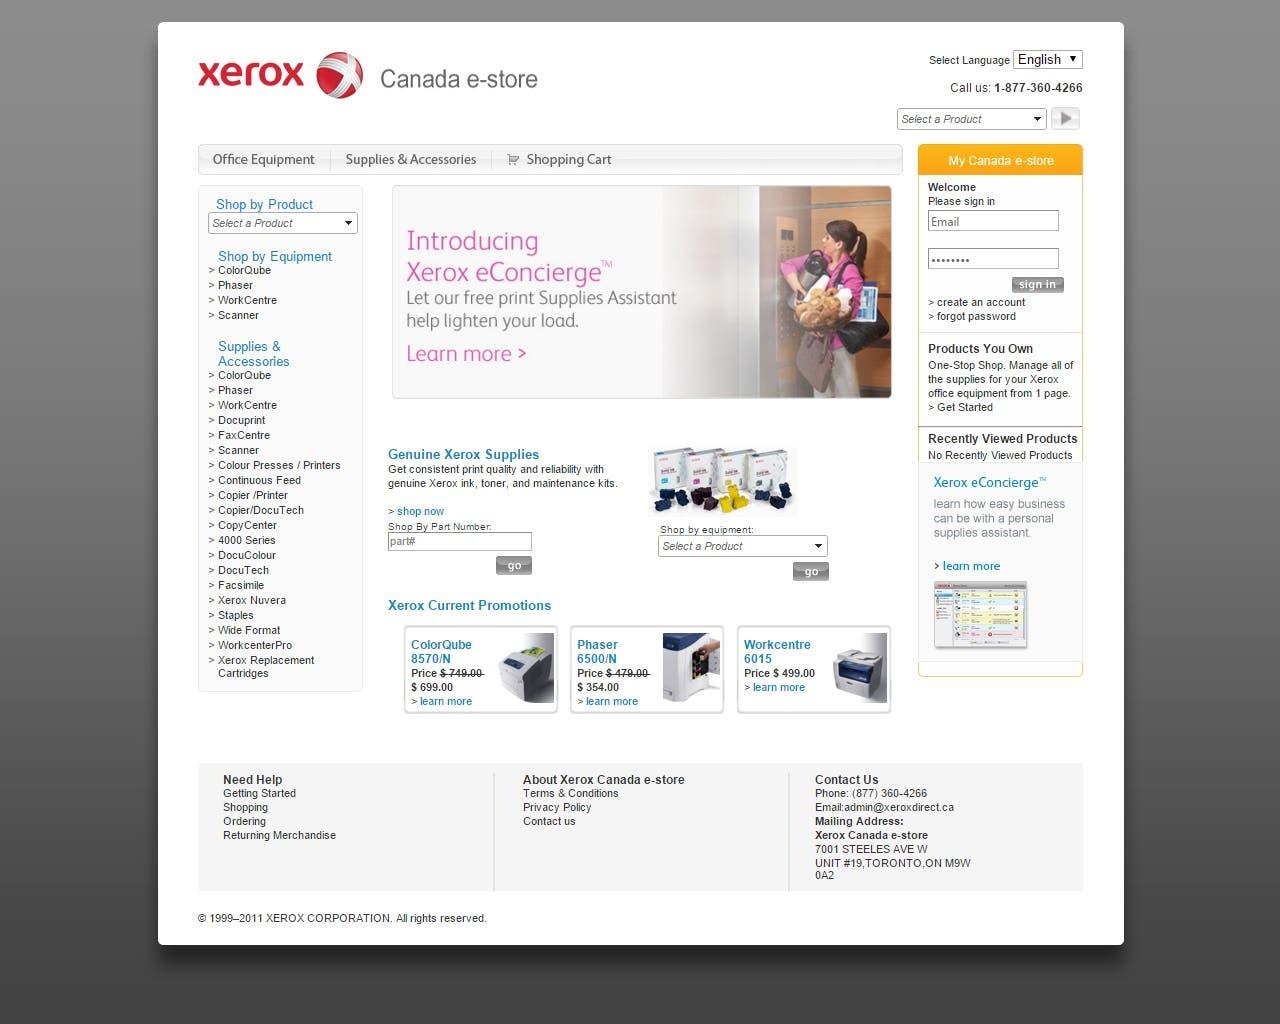 Xeroxdirect.ca